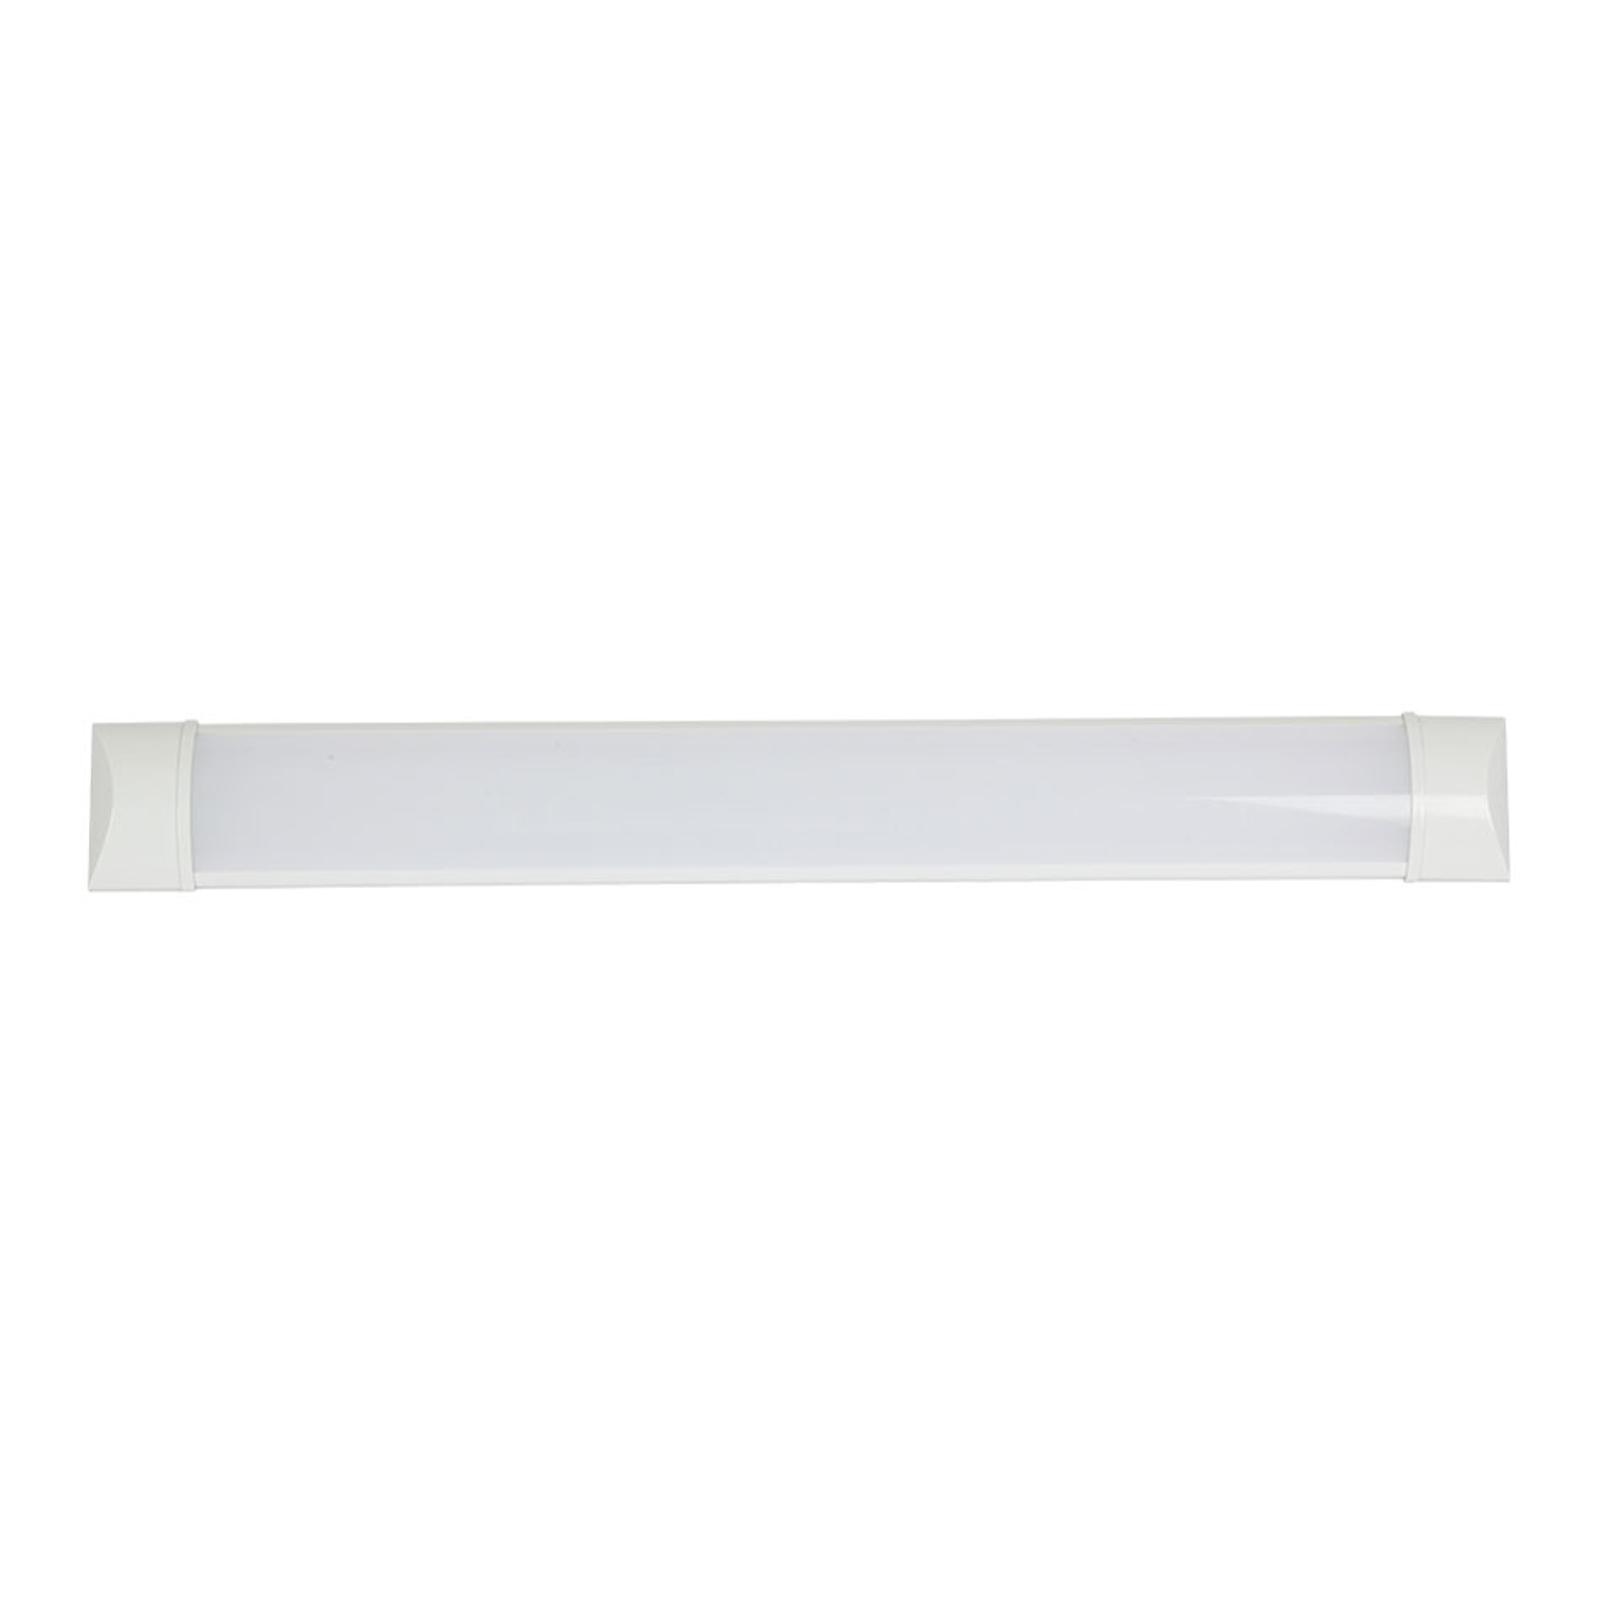 Lampa korytkowa LED 6491 120 cm, 30 W, 4000K